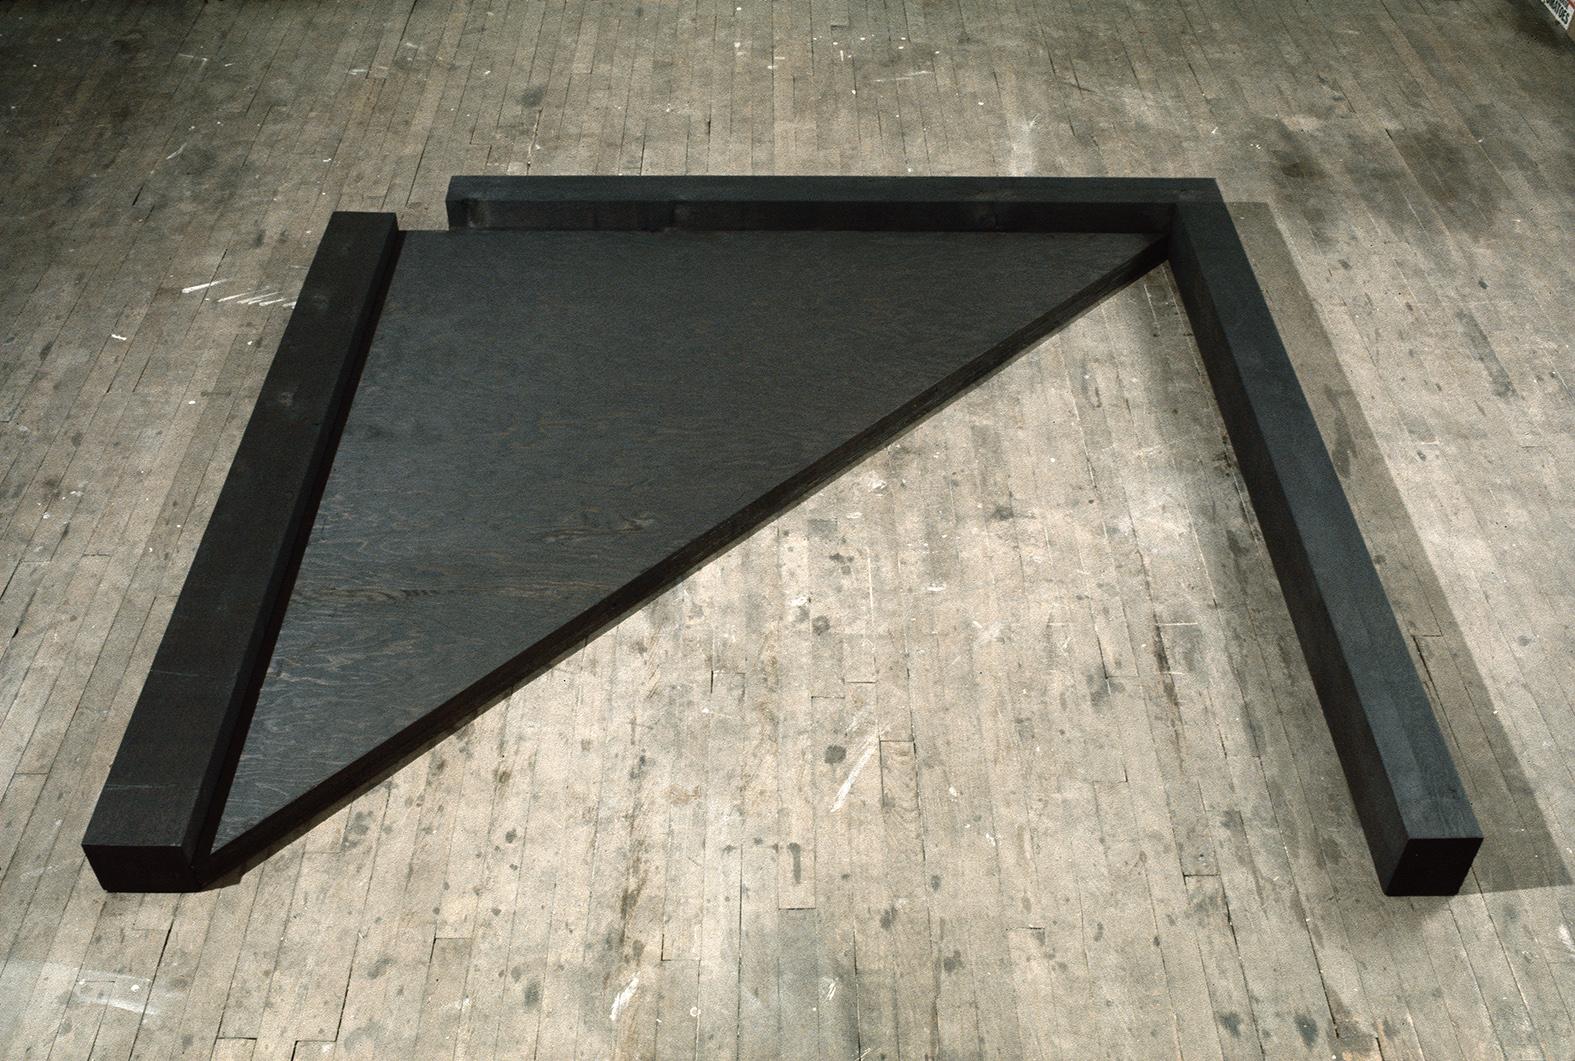 Diagonale  (1977)   Contreplaqué, cèdre, 15.2 x 193 x 208,2 cm, collection privée. photo : G. Szilasi